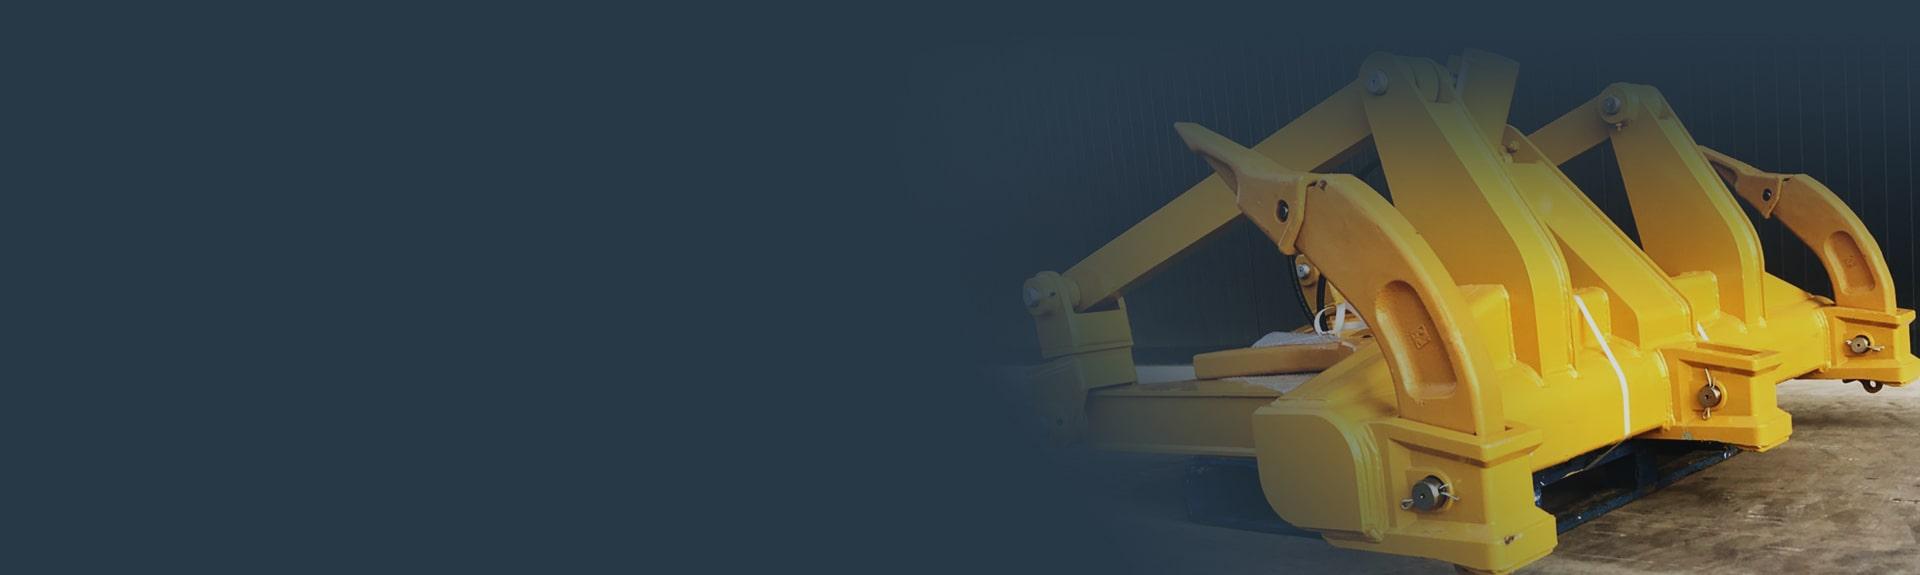 Construction Equipment Parts & Attachments